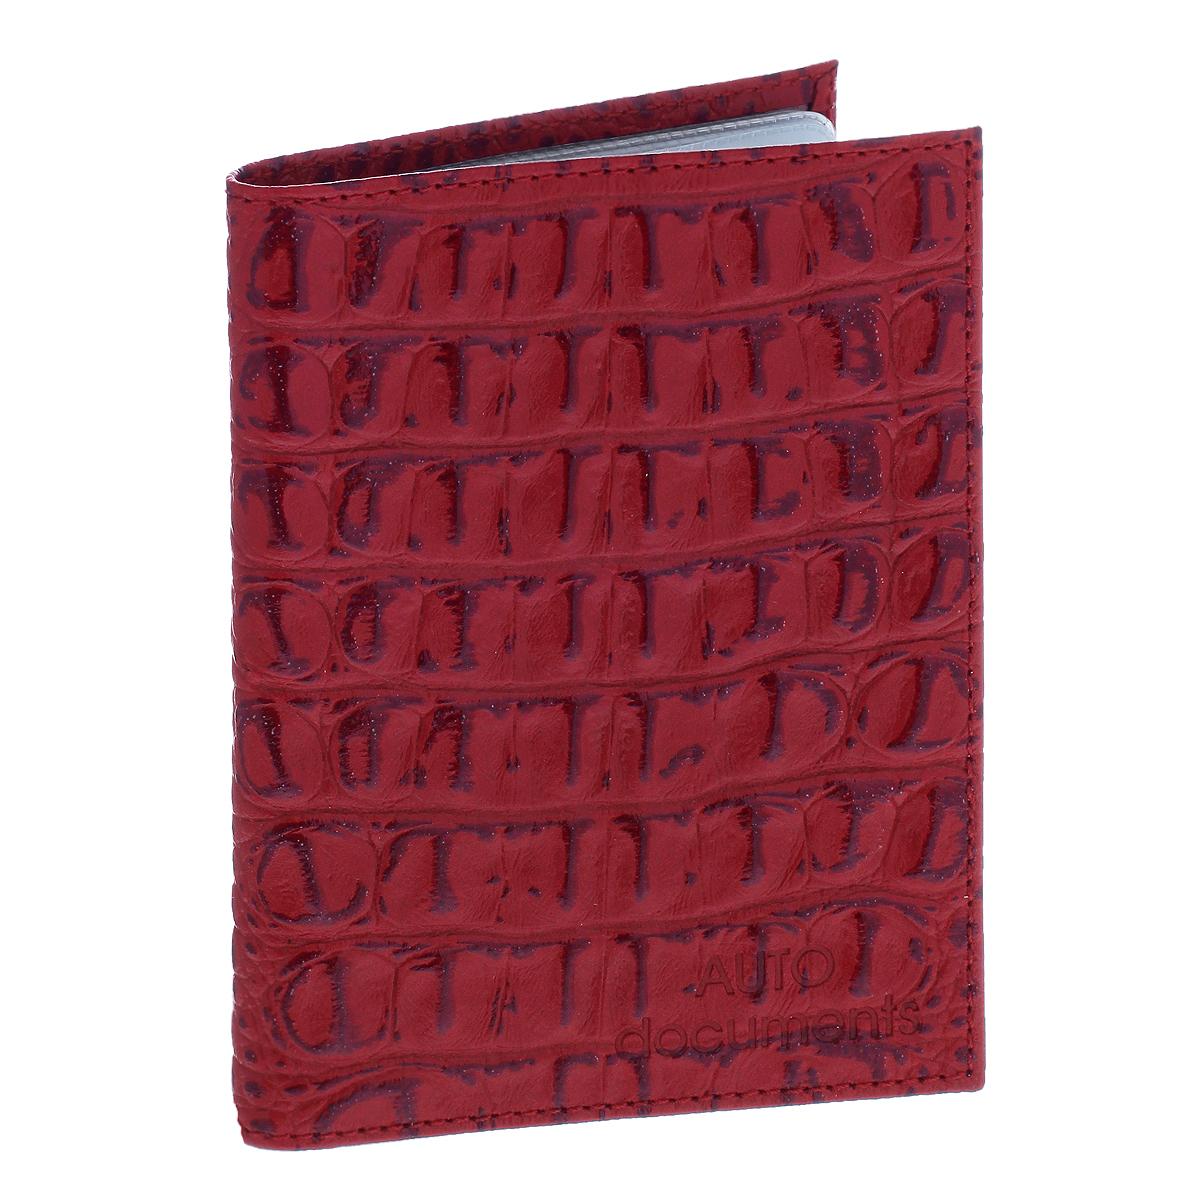 Бумажник водителя Befler, цвет: красный. BV.1.-13BV.1.-13. красныйЭффектный бумажник водителя Befler изготовлен из натуральной кожи и декорирован тиснением под рептилию. Изделие с обеих сторон дополнено тиснеными надписями. Внутри содержится съемный блок из 6 пластиковых файлов, а также 2 прозрачных боковых кармана. Изделие упаковано в фирменную коробку. Такой бумажник не только защитит ваши документы, но и станет стильным аксессуаром, который прекрасно дополнит образ.